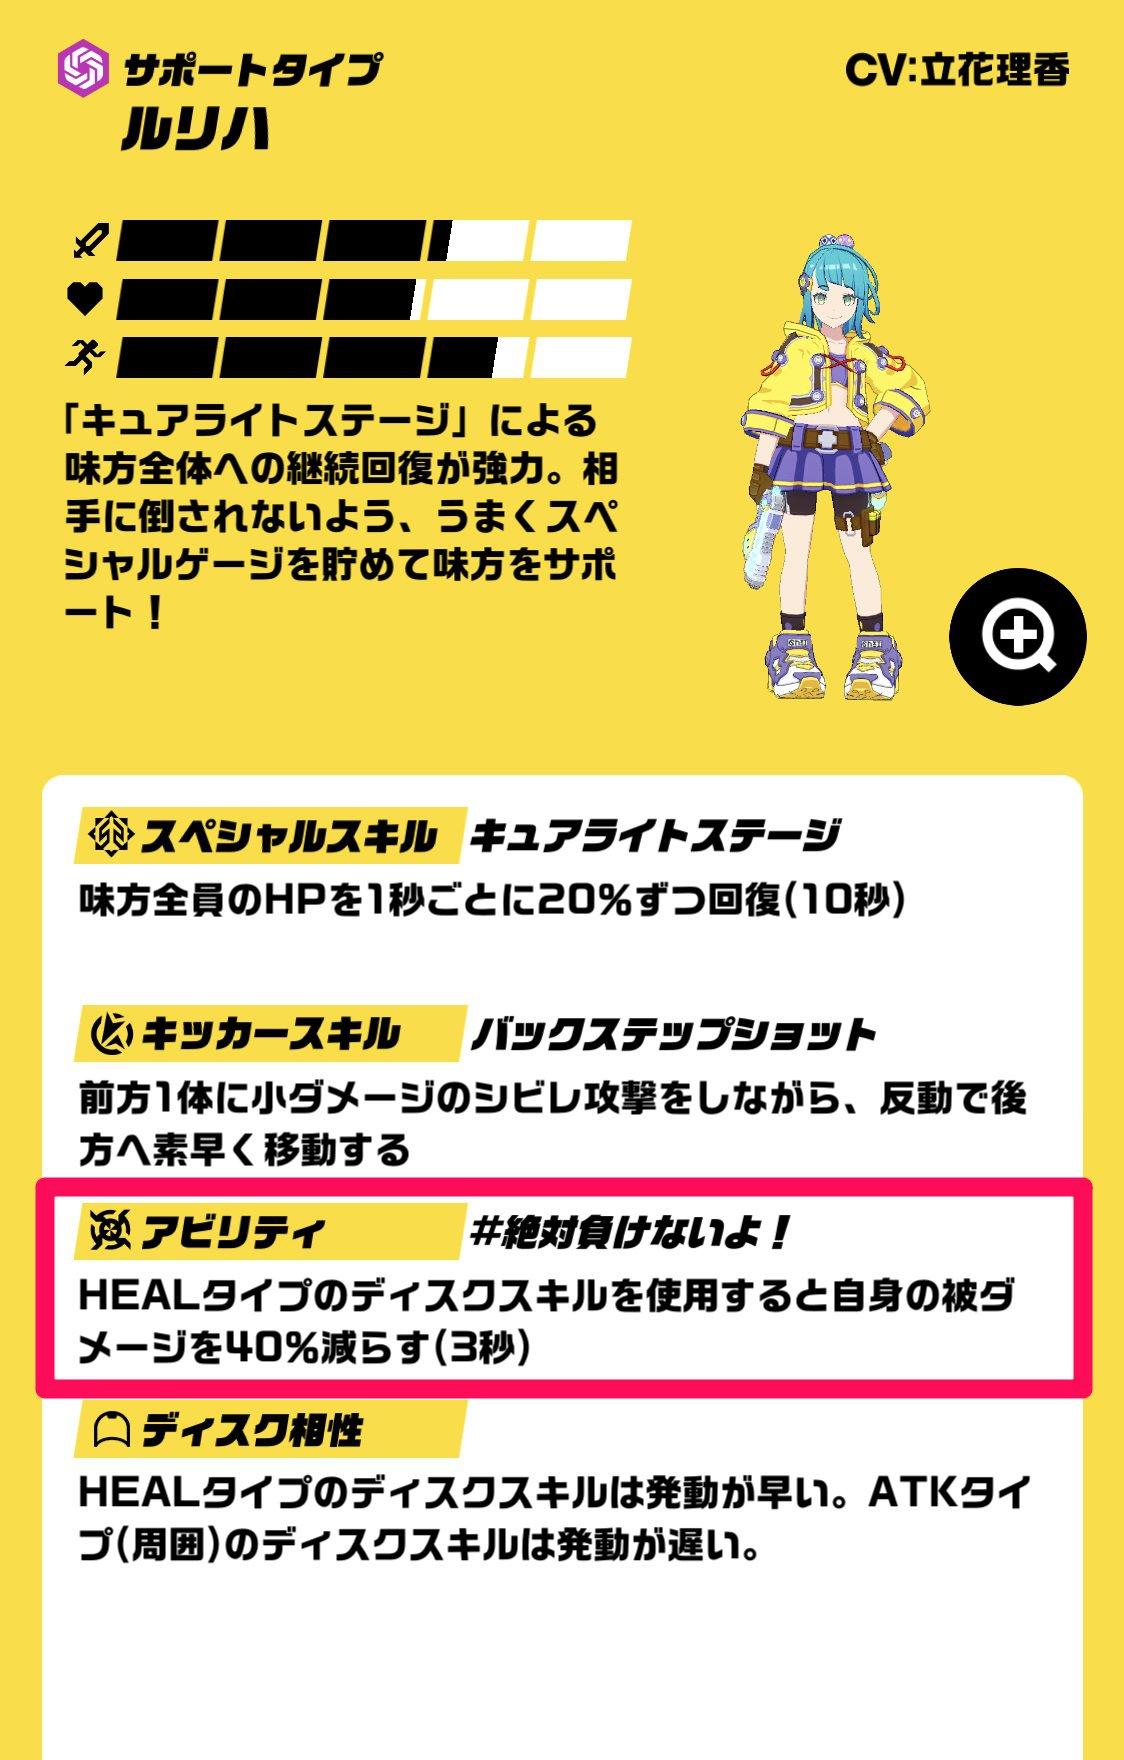 キックフライト【攻略】: 目指せSランク!勝ちにつながる戦い方を知ろう!!